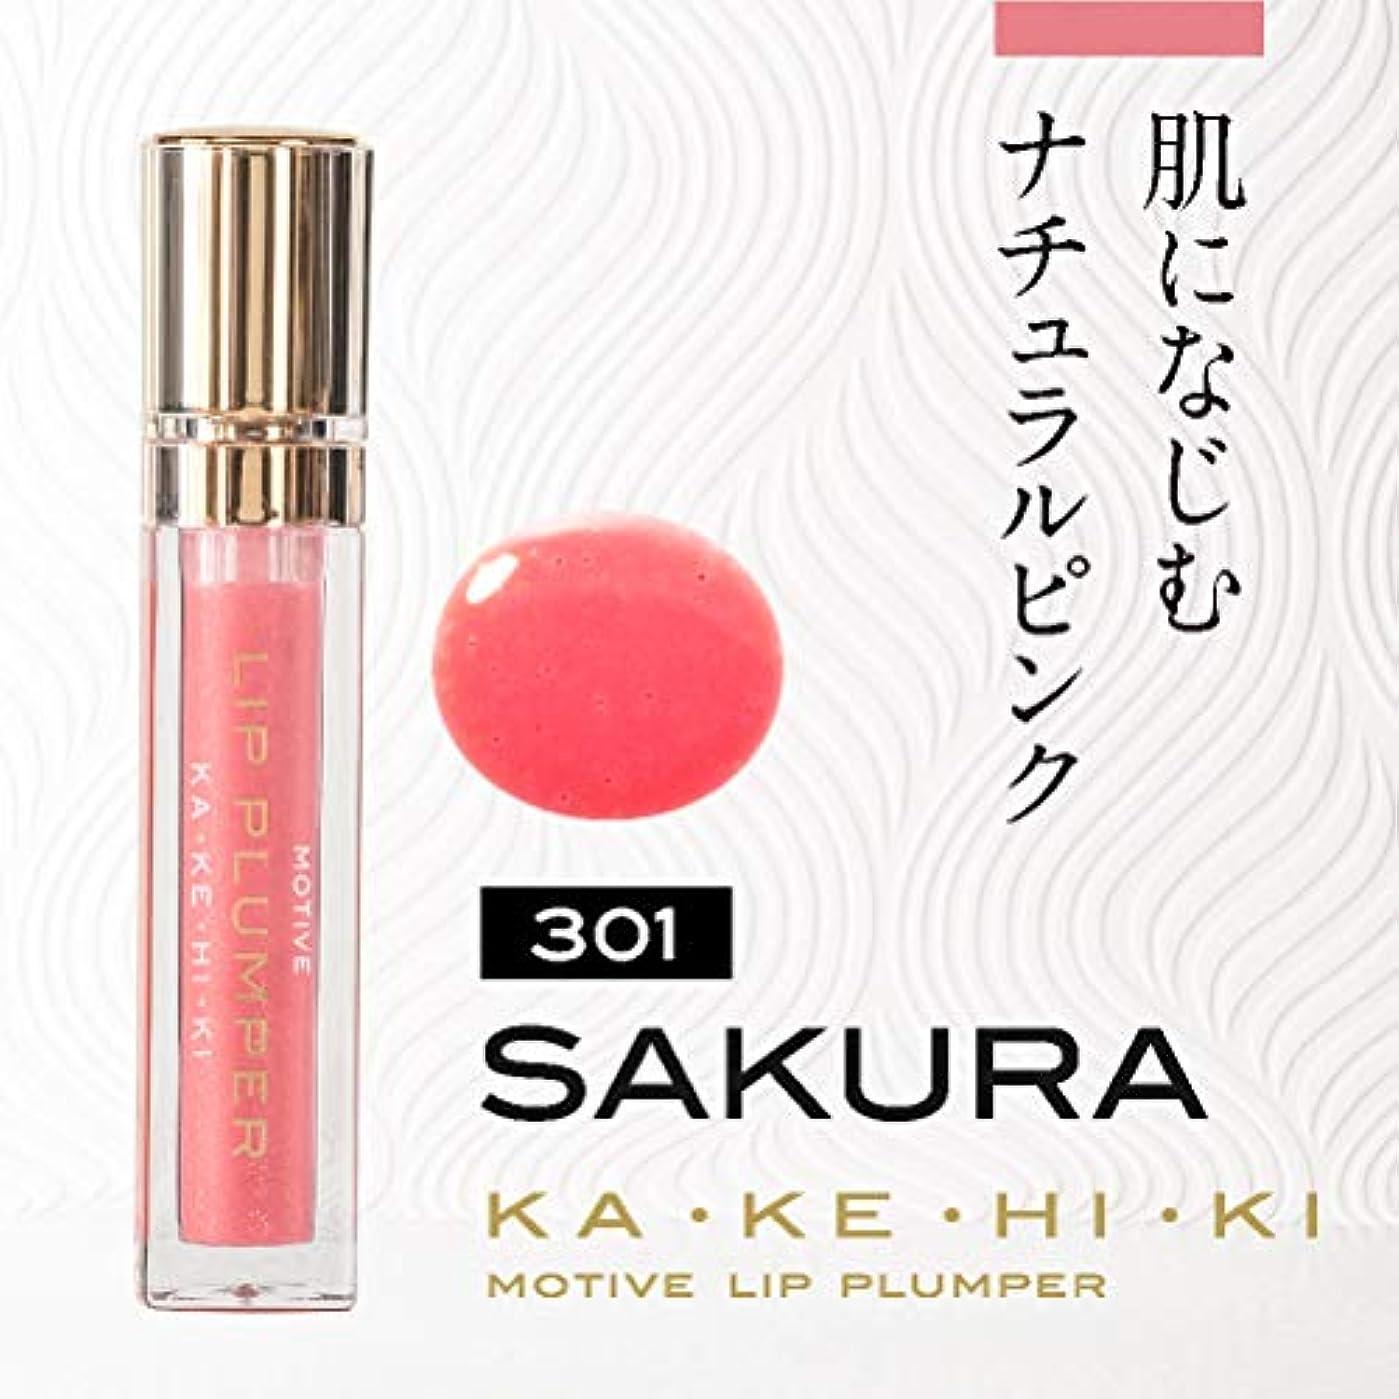 絡まる餌亜熱帯リッププランパー KAKEHIKI (301 SAKURA ピンク)